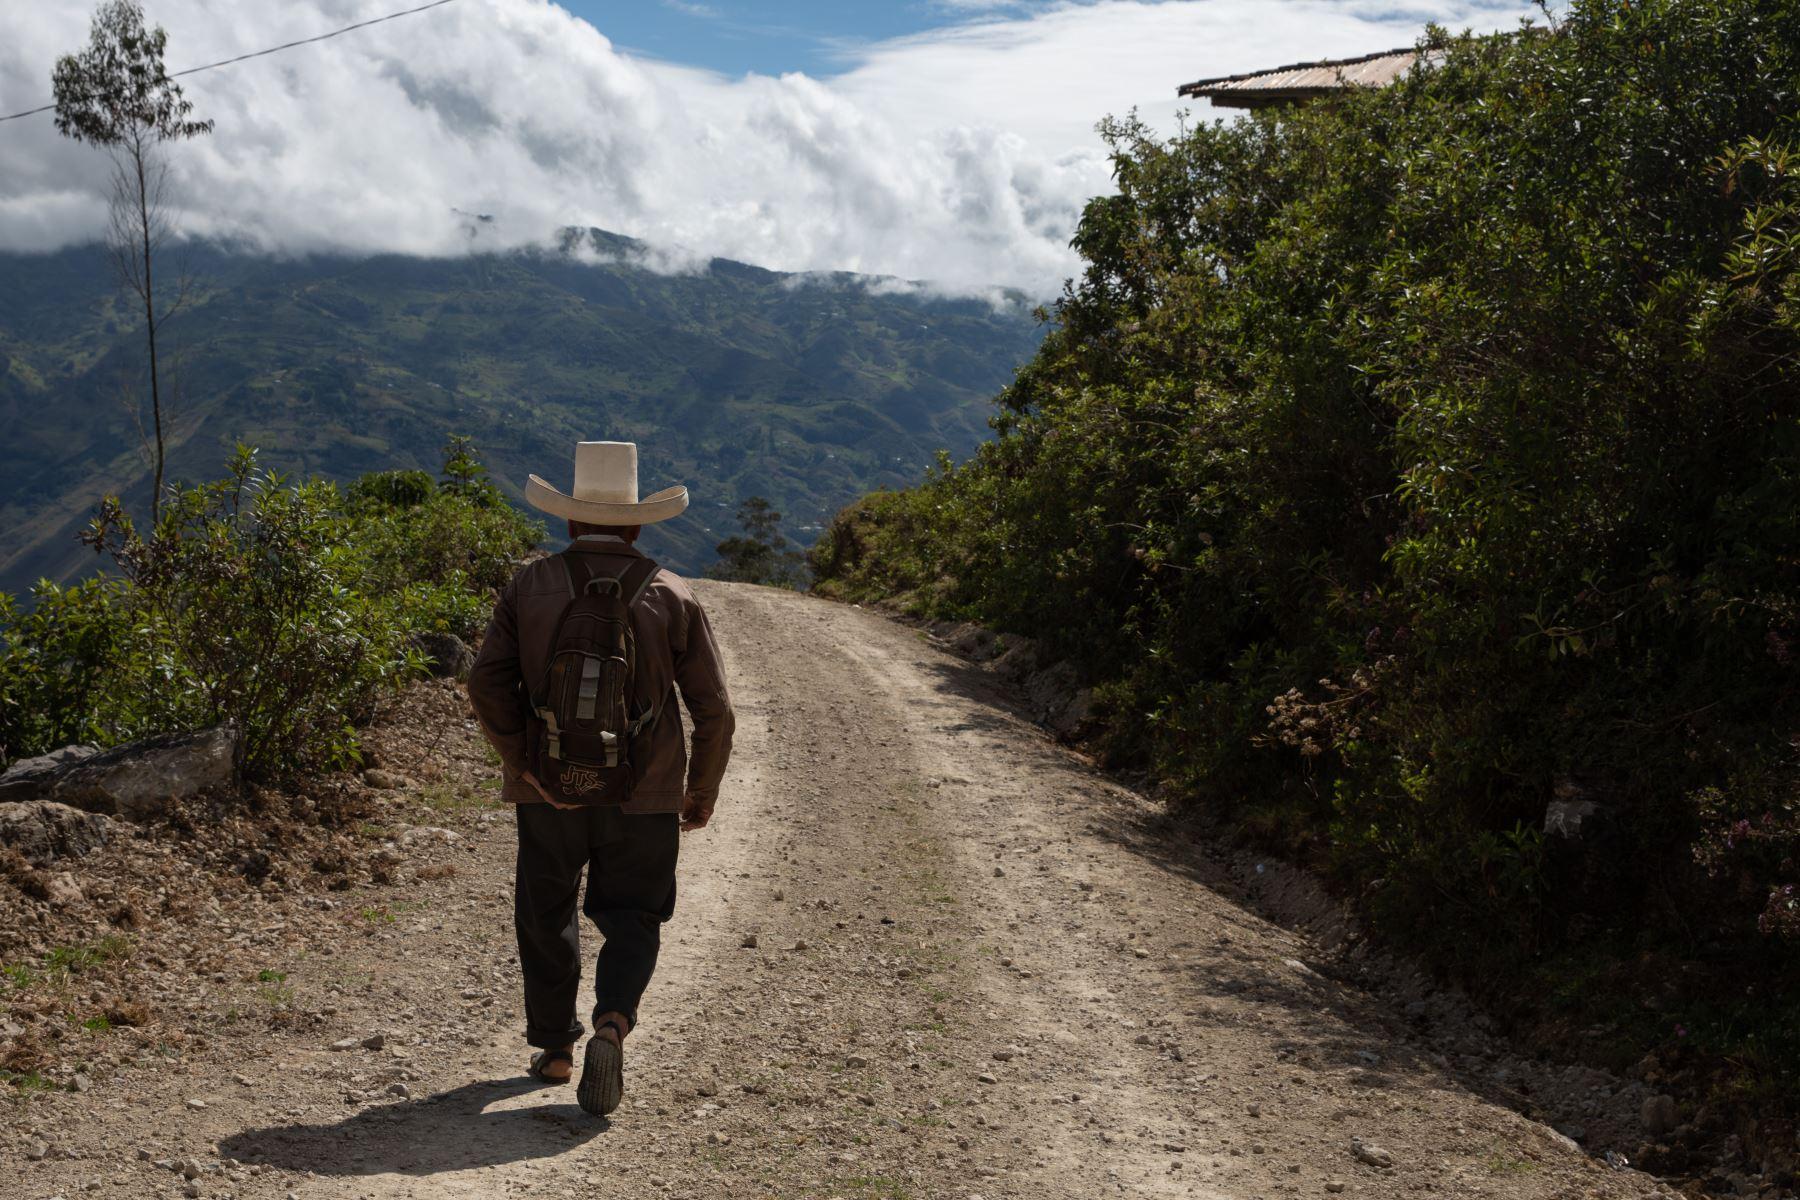 Recorrido por la localidad de Puña, distrito de Tacabamba, en Cajamarca. Su población se dedica principalmente a la actividad agrícola y tiene necesidades básicas que esperan ser satisfechas. Foto: ANDINA/Andrés Valle